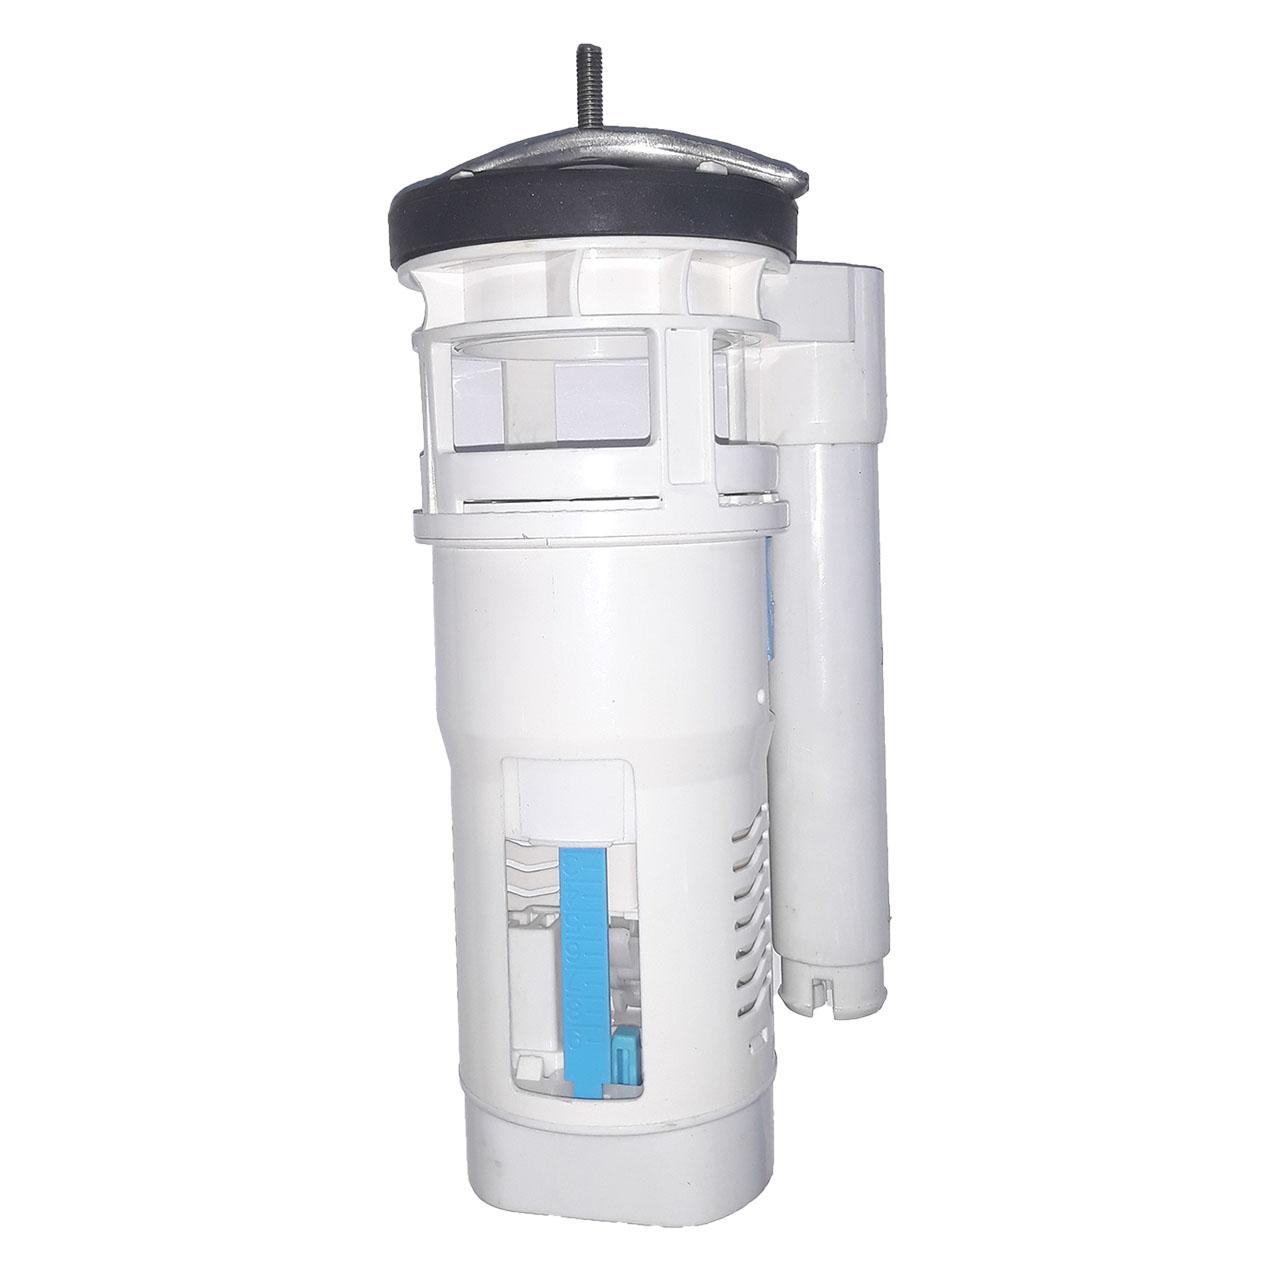 پمپ تخلیه توالت فرنگی مدل 001